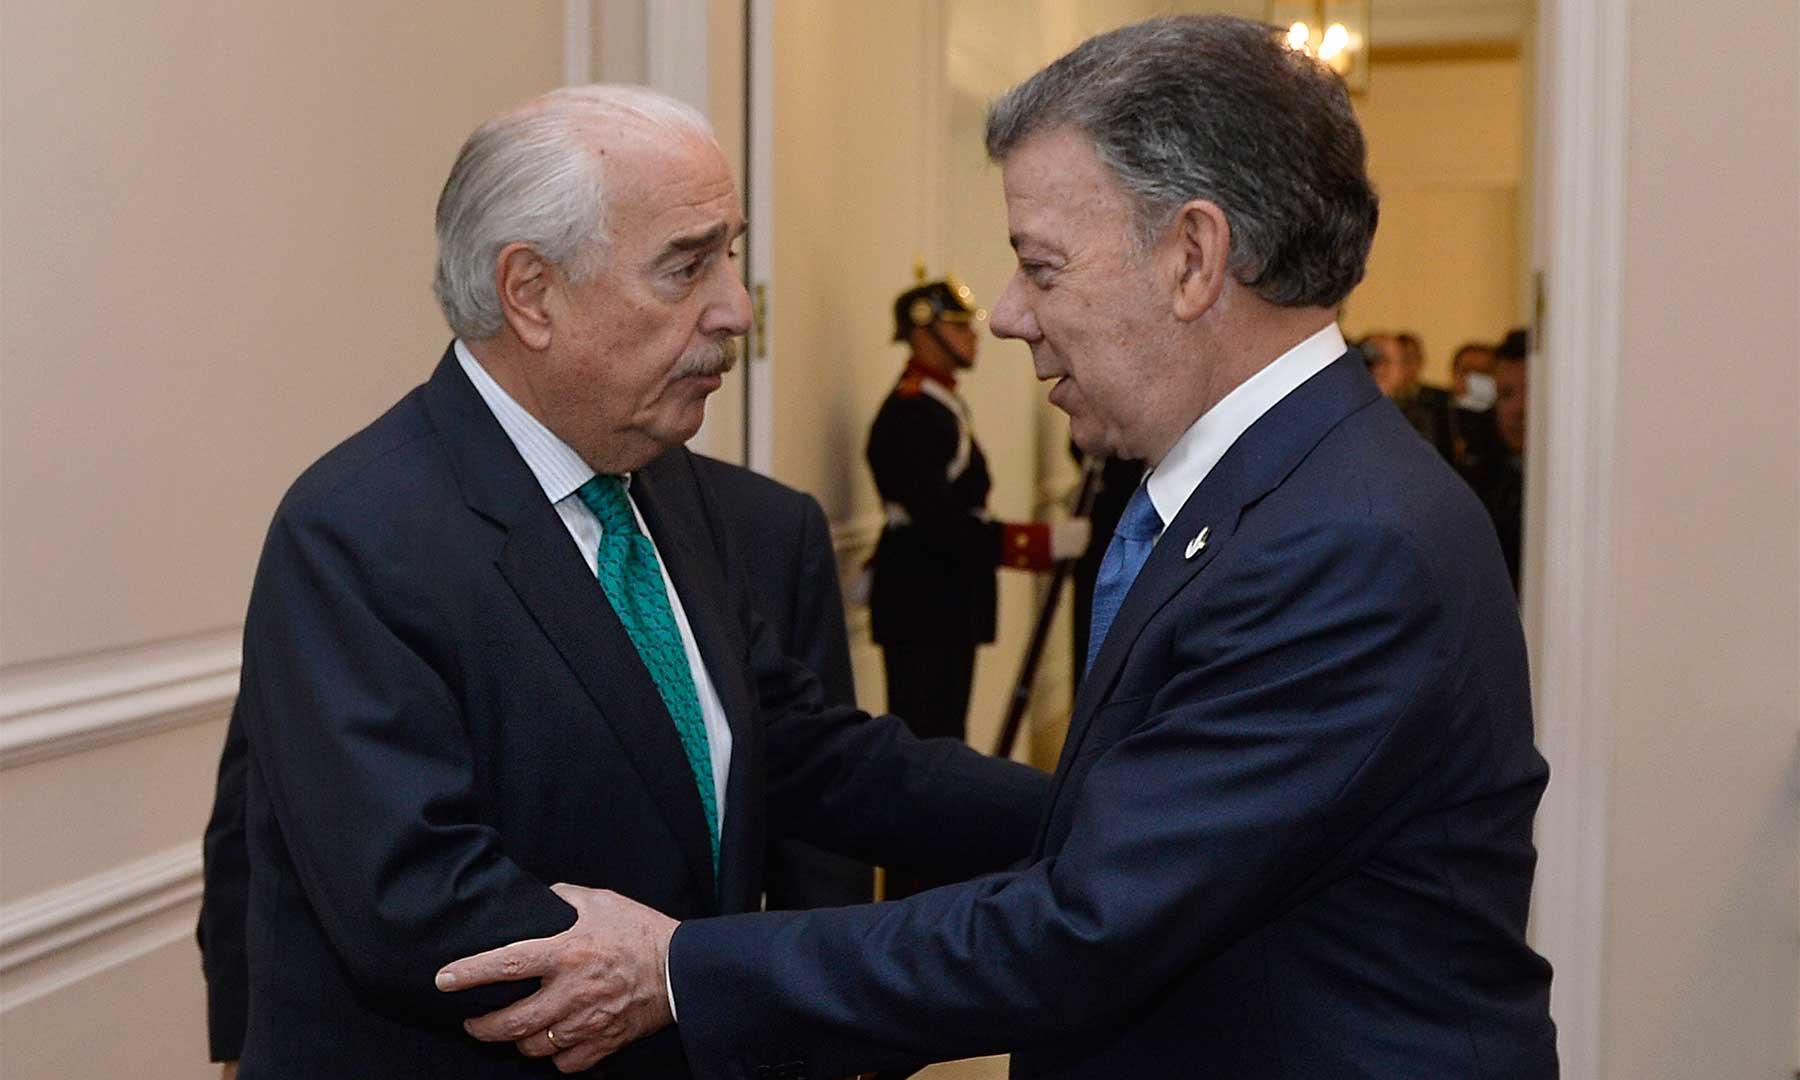 El Presidente Juan Manuel Santos se reunió con el expresidente Andrés Pastrana, en desarrollo del dialogo nacional convocado por el Jefe del Estado. Foto: Efraín Herrera - SIG